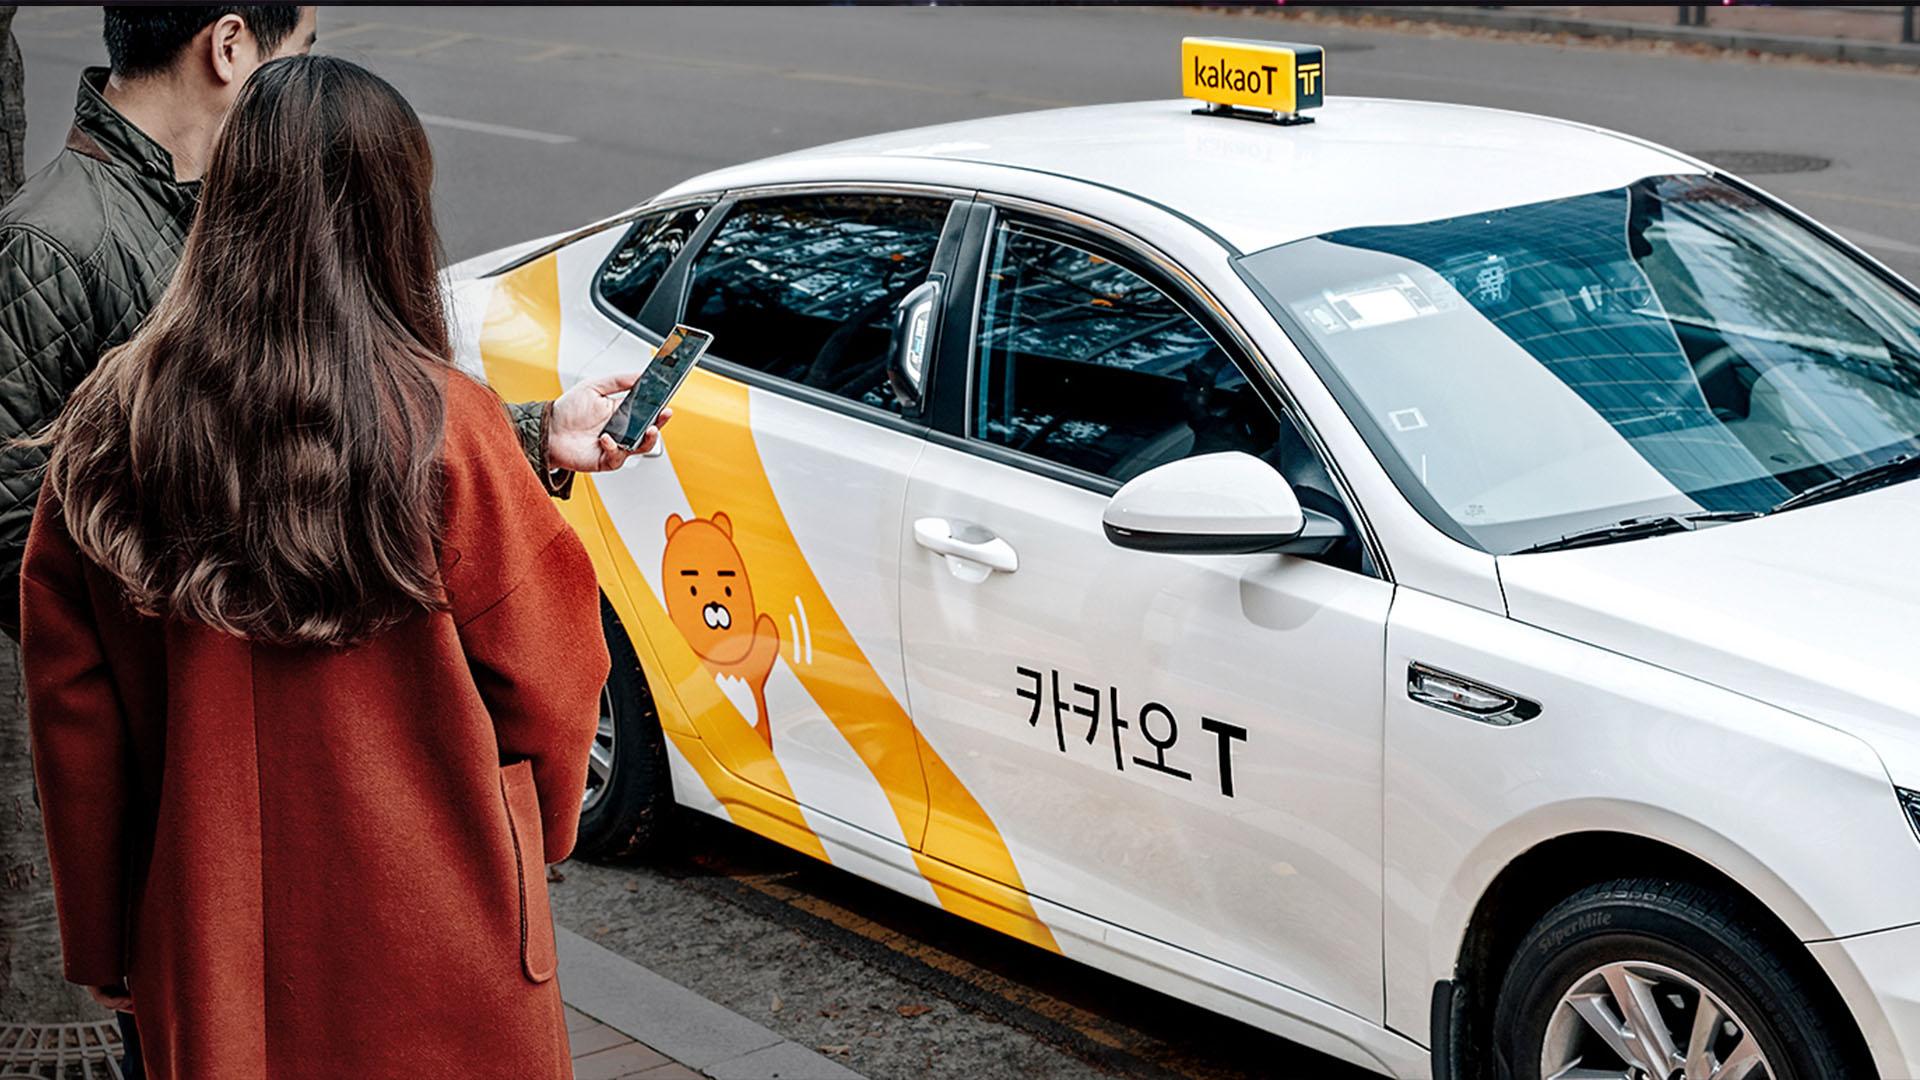 Google инвестирует более 44 миллионов долларов в компанию по вызову такси Kakao Mobility